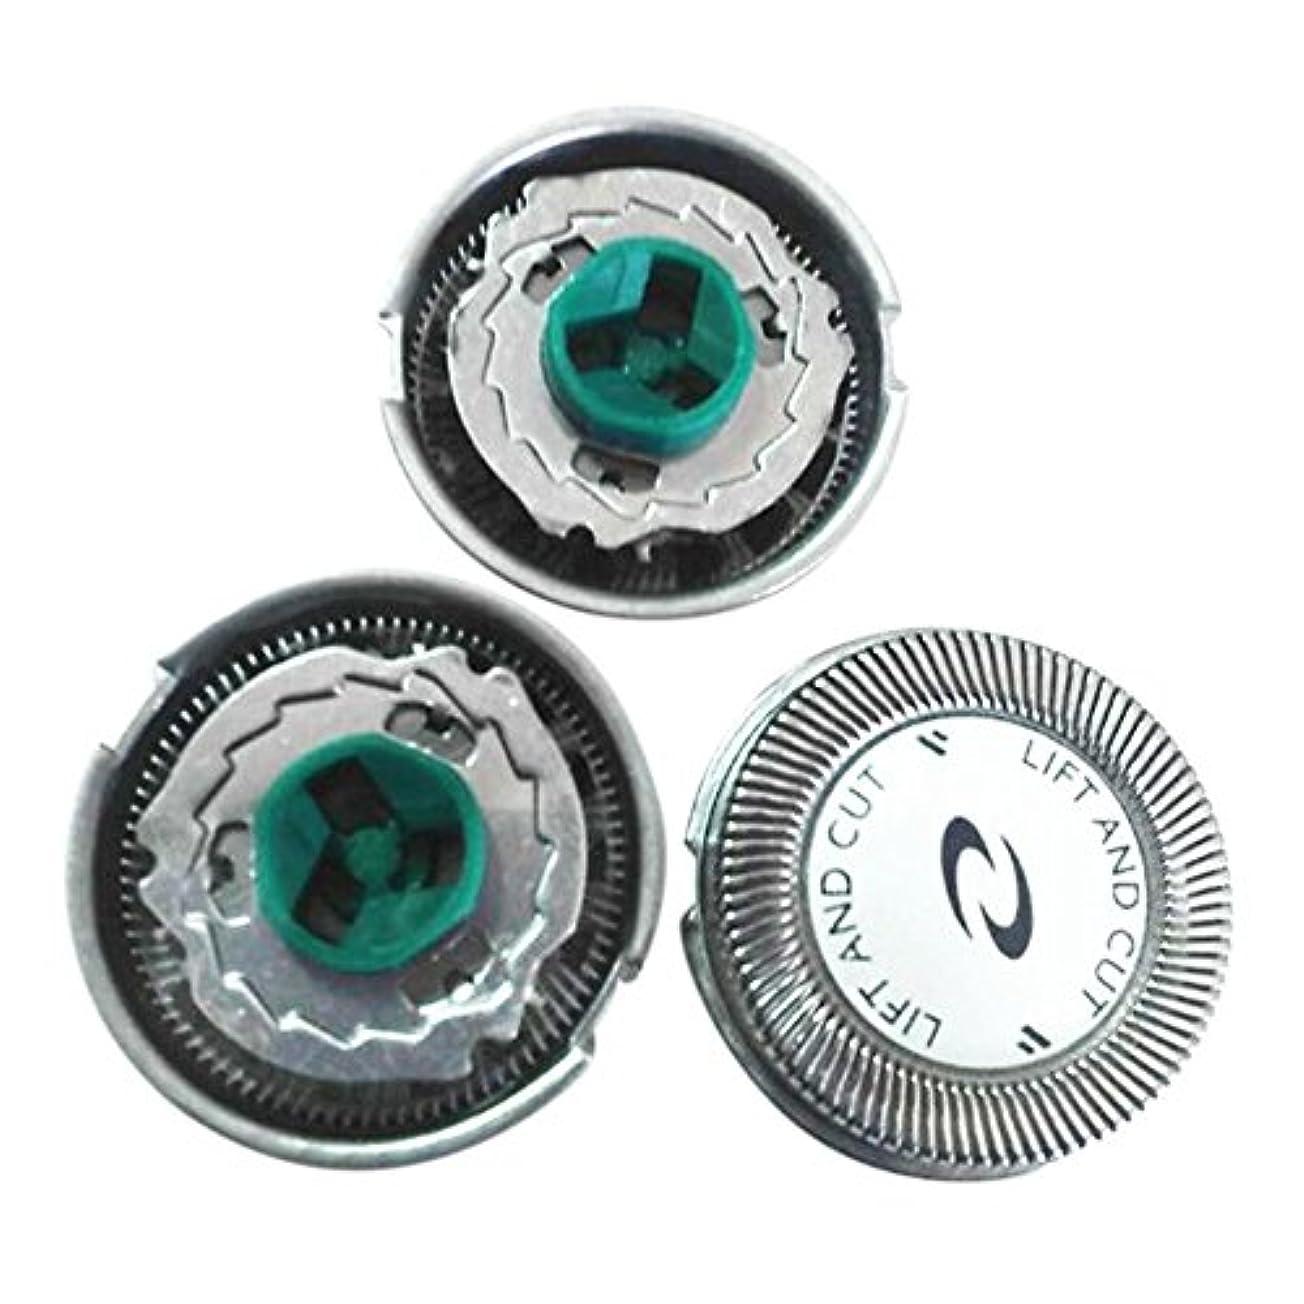 見出しプロットコンパイルHZjundasi 3x Replacement シェーバーヘッドフォイル+Cutters for Philip HQ5705/5710 PT720 AT750